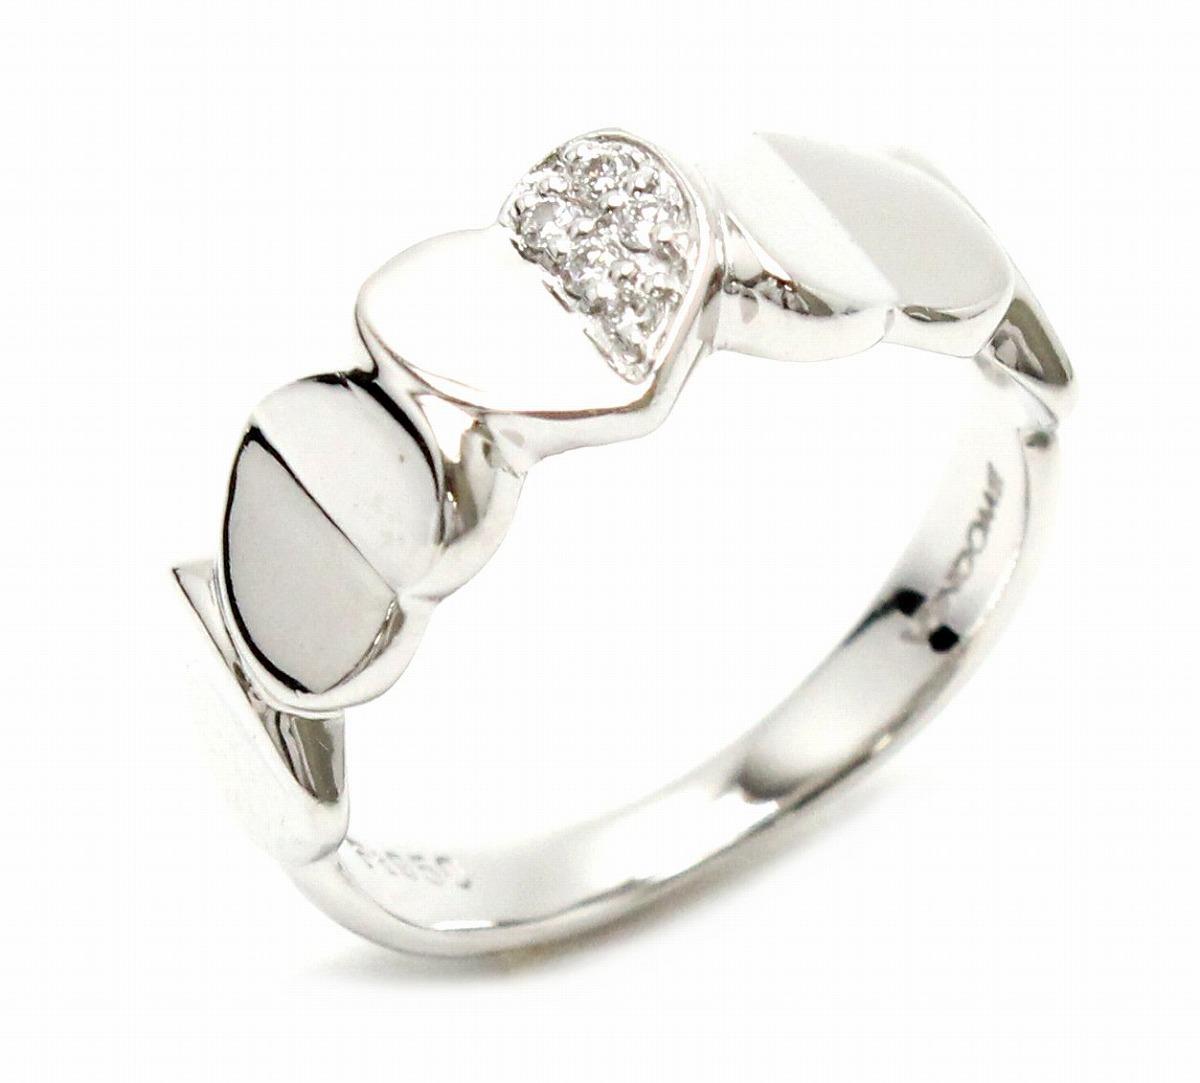 【ジュエリー】VENDOME AOYAMA ヴァンドーム 青山 Pt950 プラチナ ダイヤ リング ハートモチーフ 指輪 7.5号 #7.5 ダイヤモンド 【中古】【k】